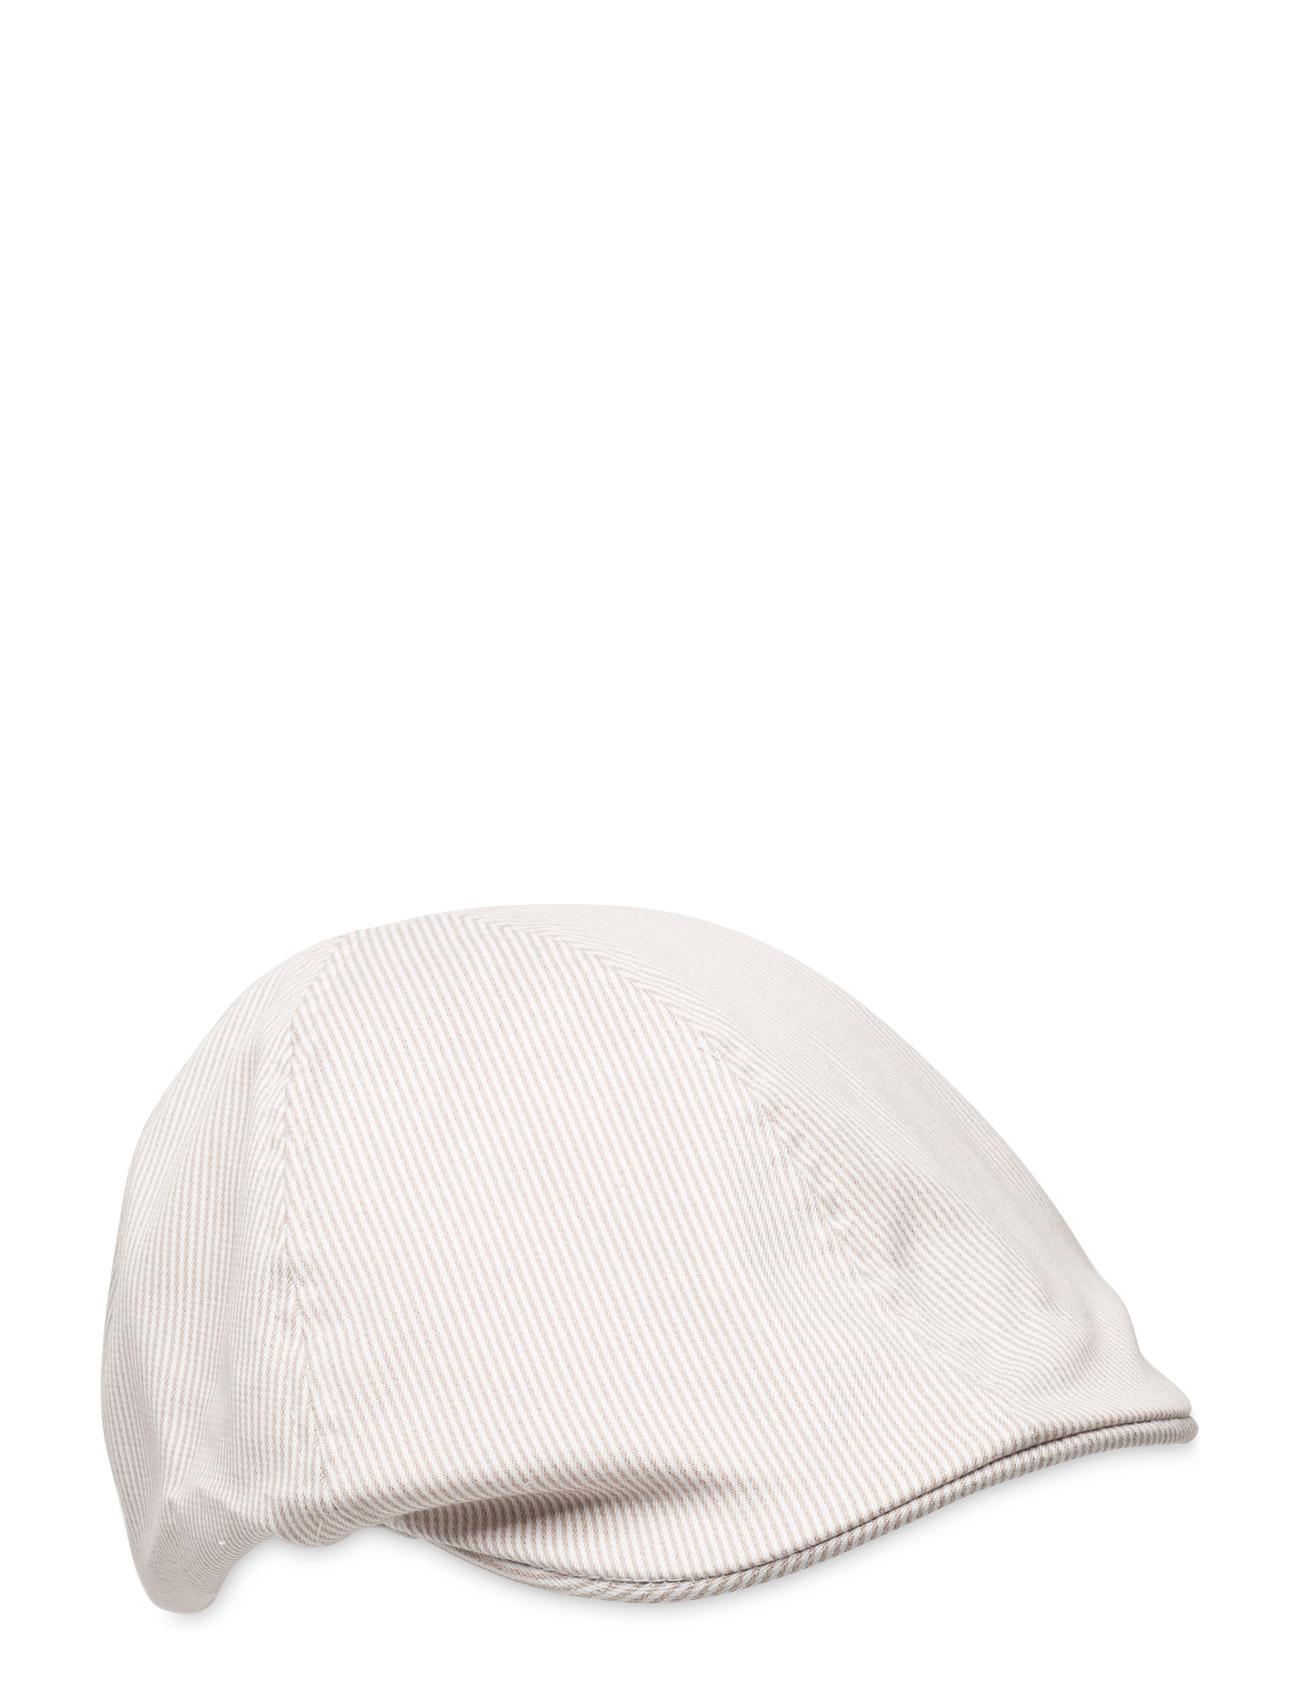 Sixpence Hat Melton Hatte & Caps til Børn i